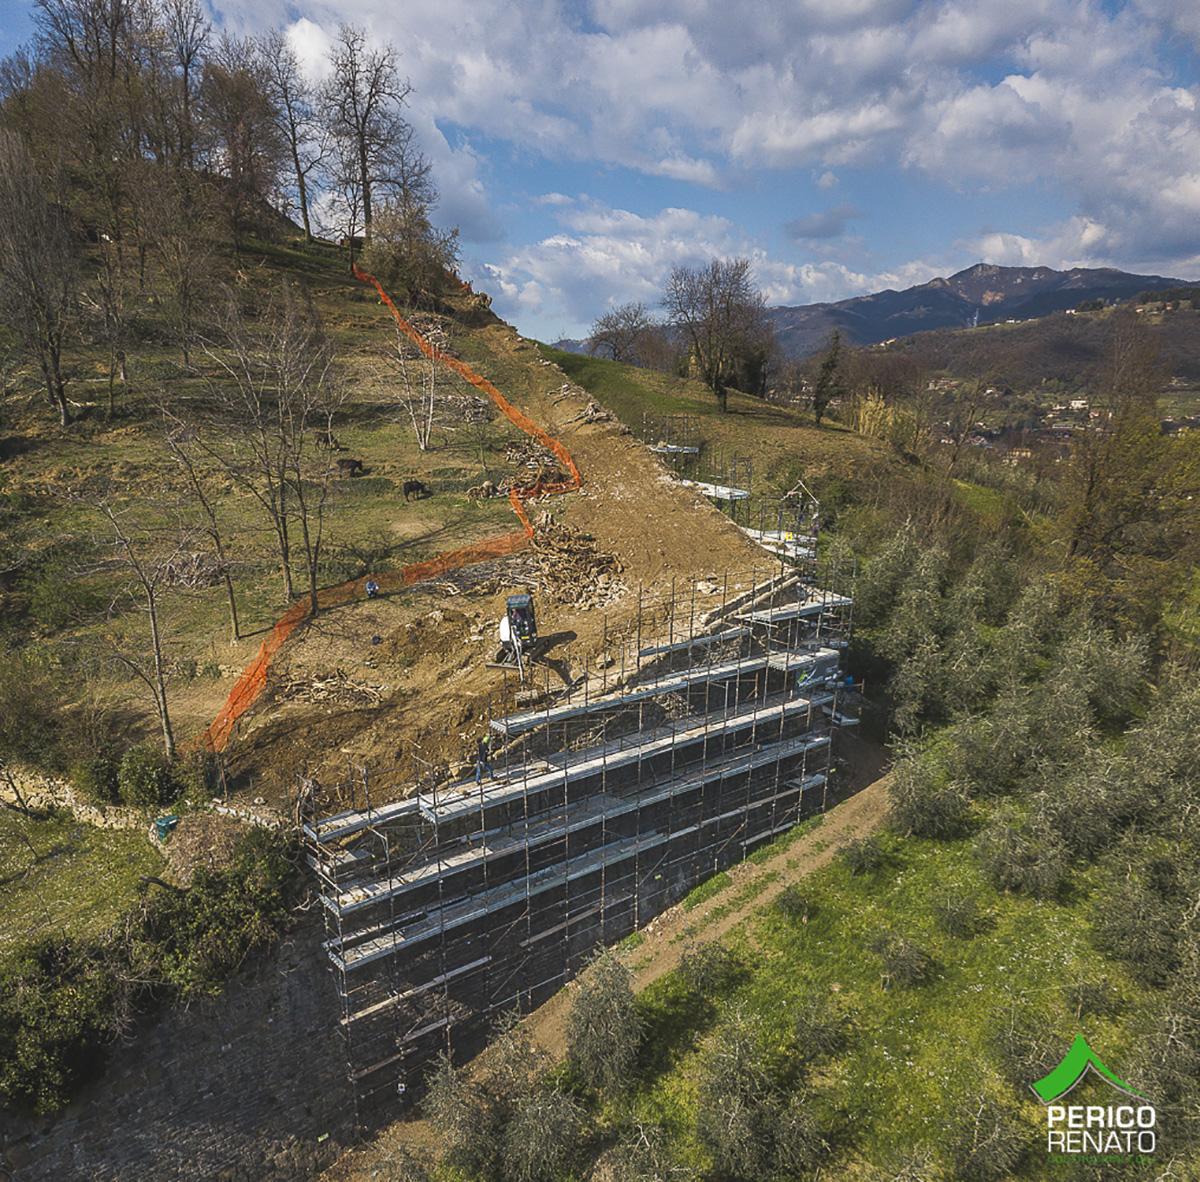 Perico-Renato-Bergamo, Città Alta - Mura venete - Restauro 9